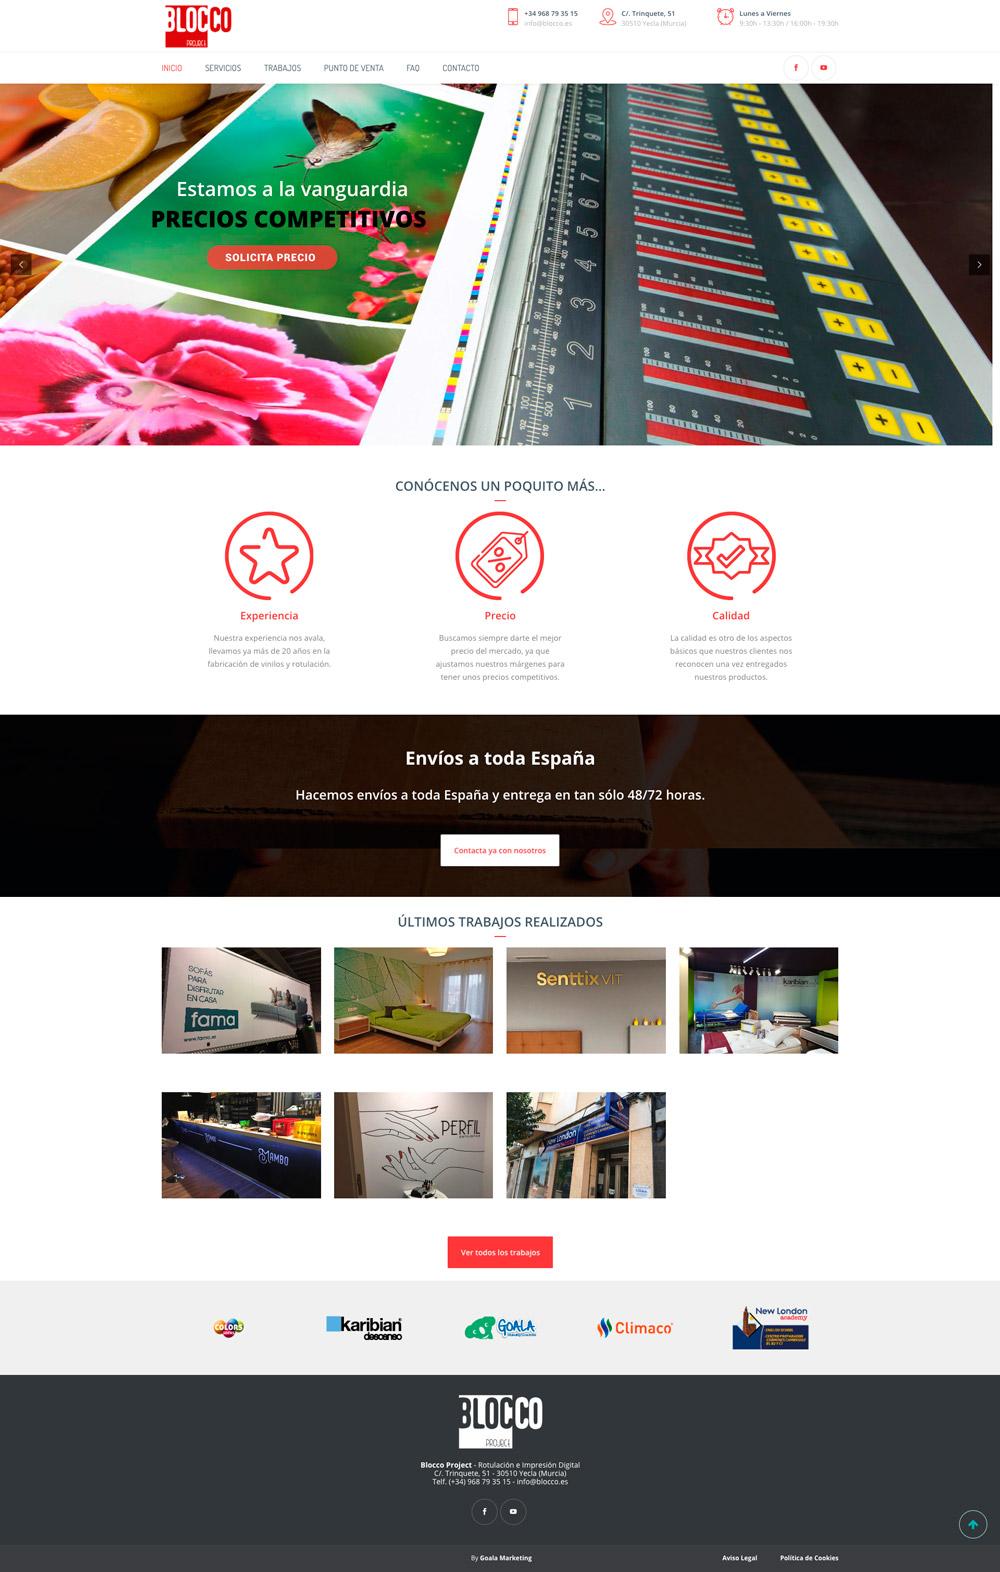 Diseño web imprenta Blocco